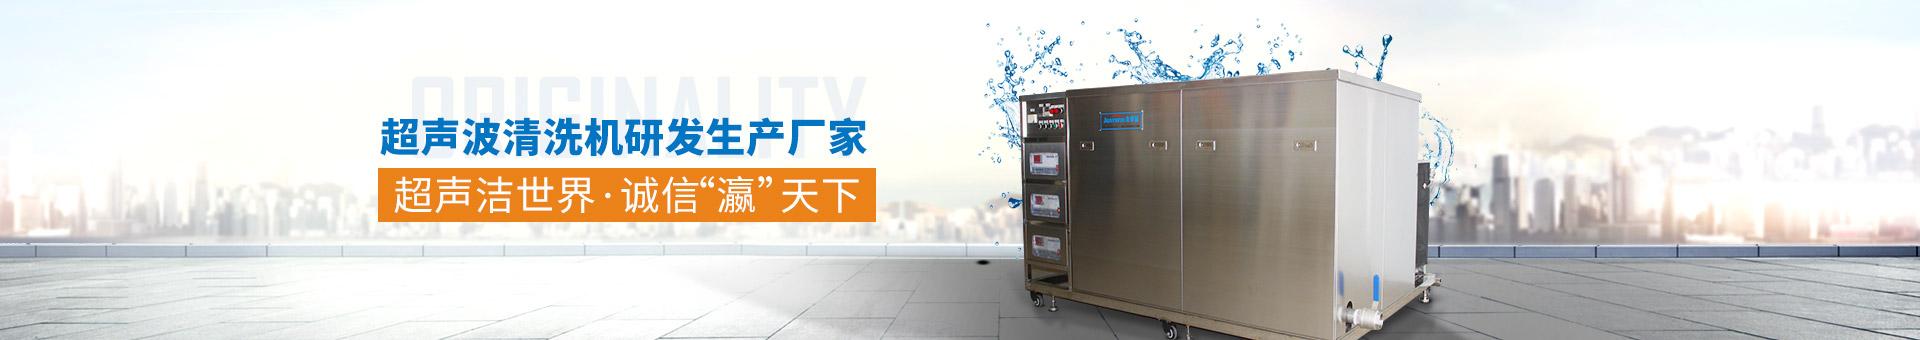 金泰瀛-超声波清洗机研发生产厂家